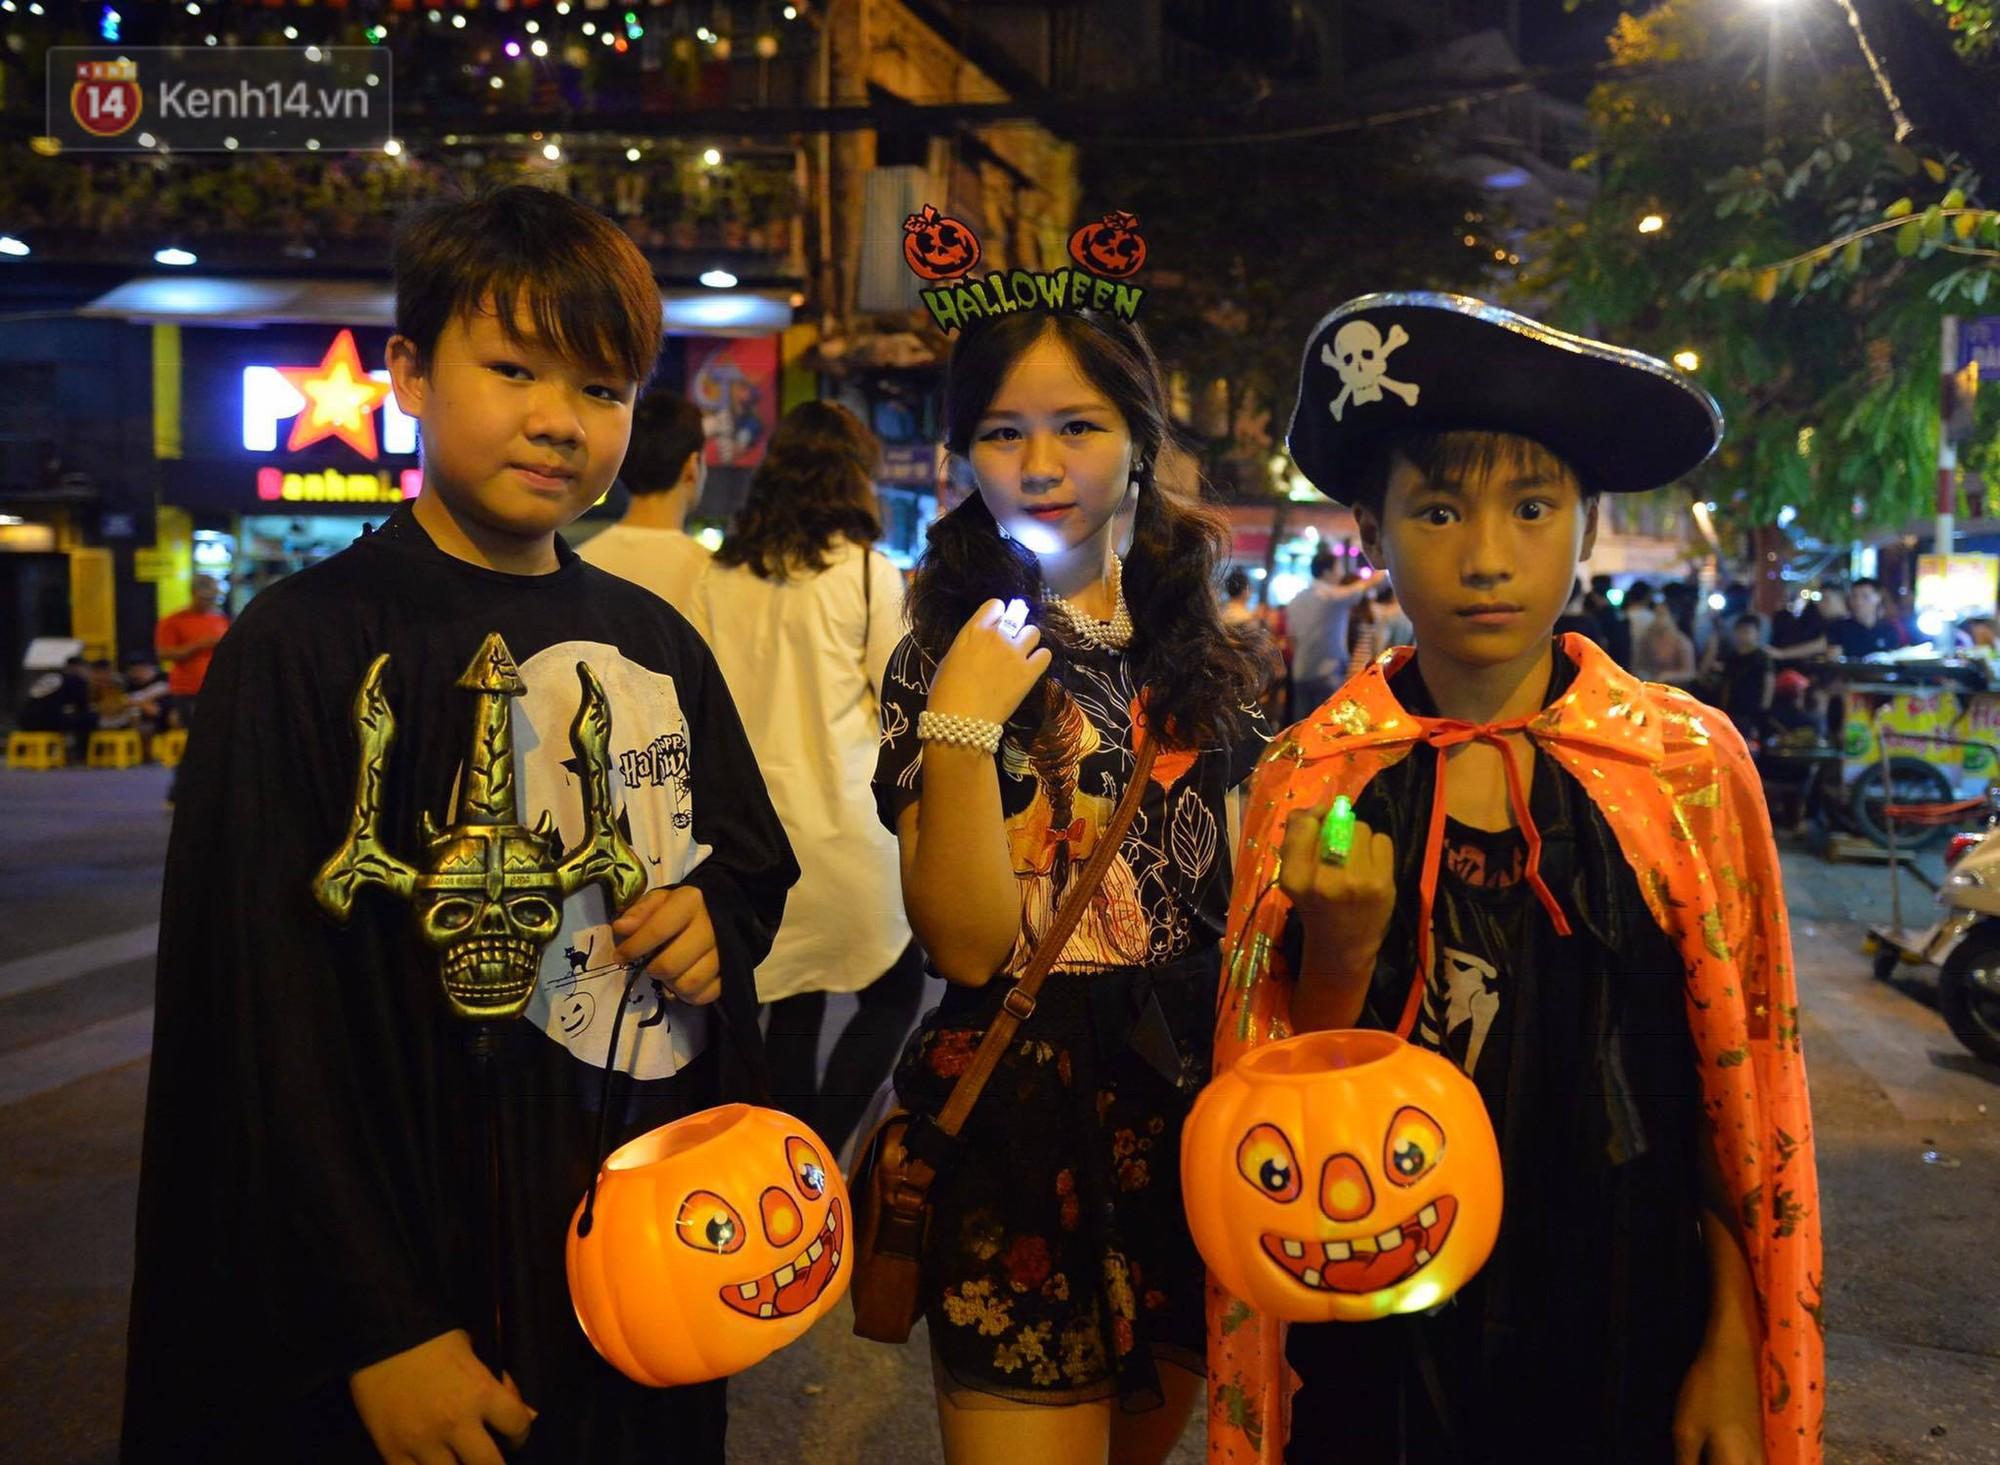 Chùm ảnh: Chị Valak cùng các thây ma đã dạo chơi phố Tây Hà Nội dù 3 ngày nữa mới tới Halloween - Ảnh 10.